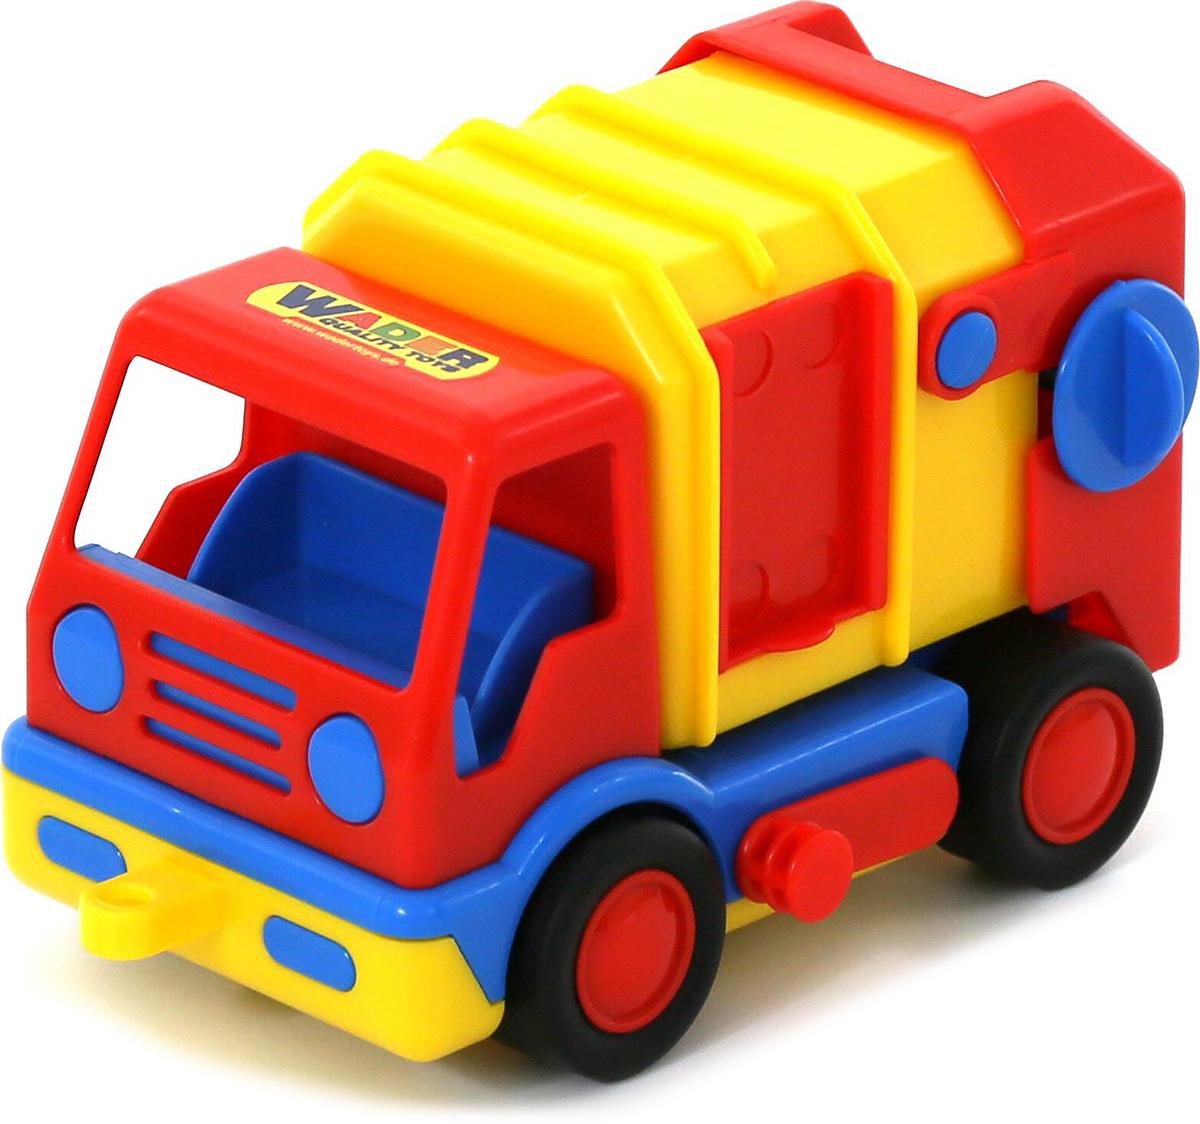 грузовики полесье игрушки Полесье Коммунальная спецмашина Базик